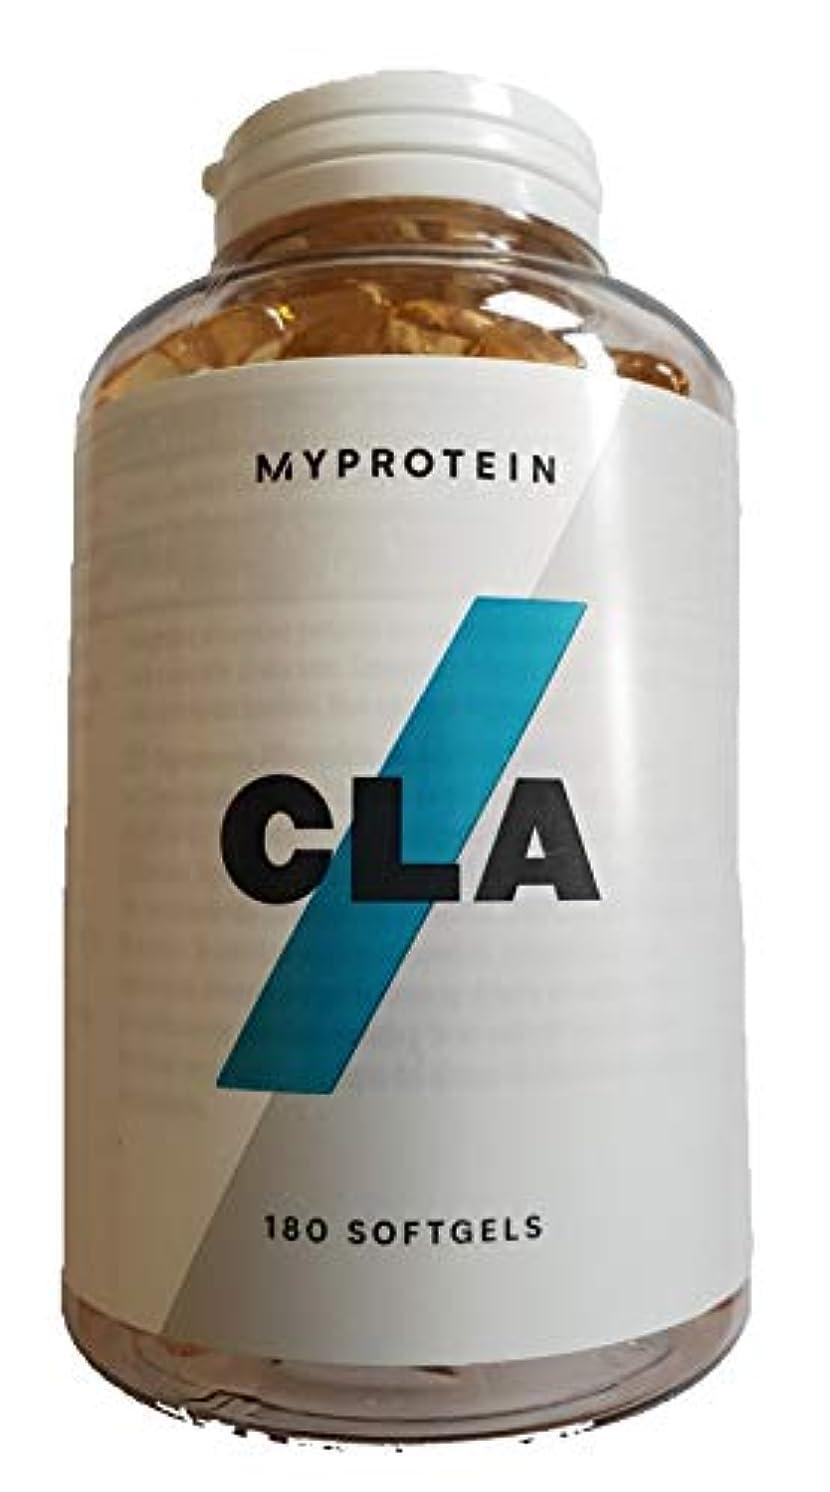 人工評価可能悪のマイプロテイン CLA(共役リノール酸)800mg 180錠